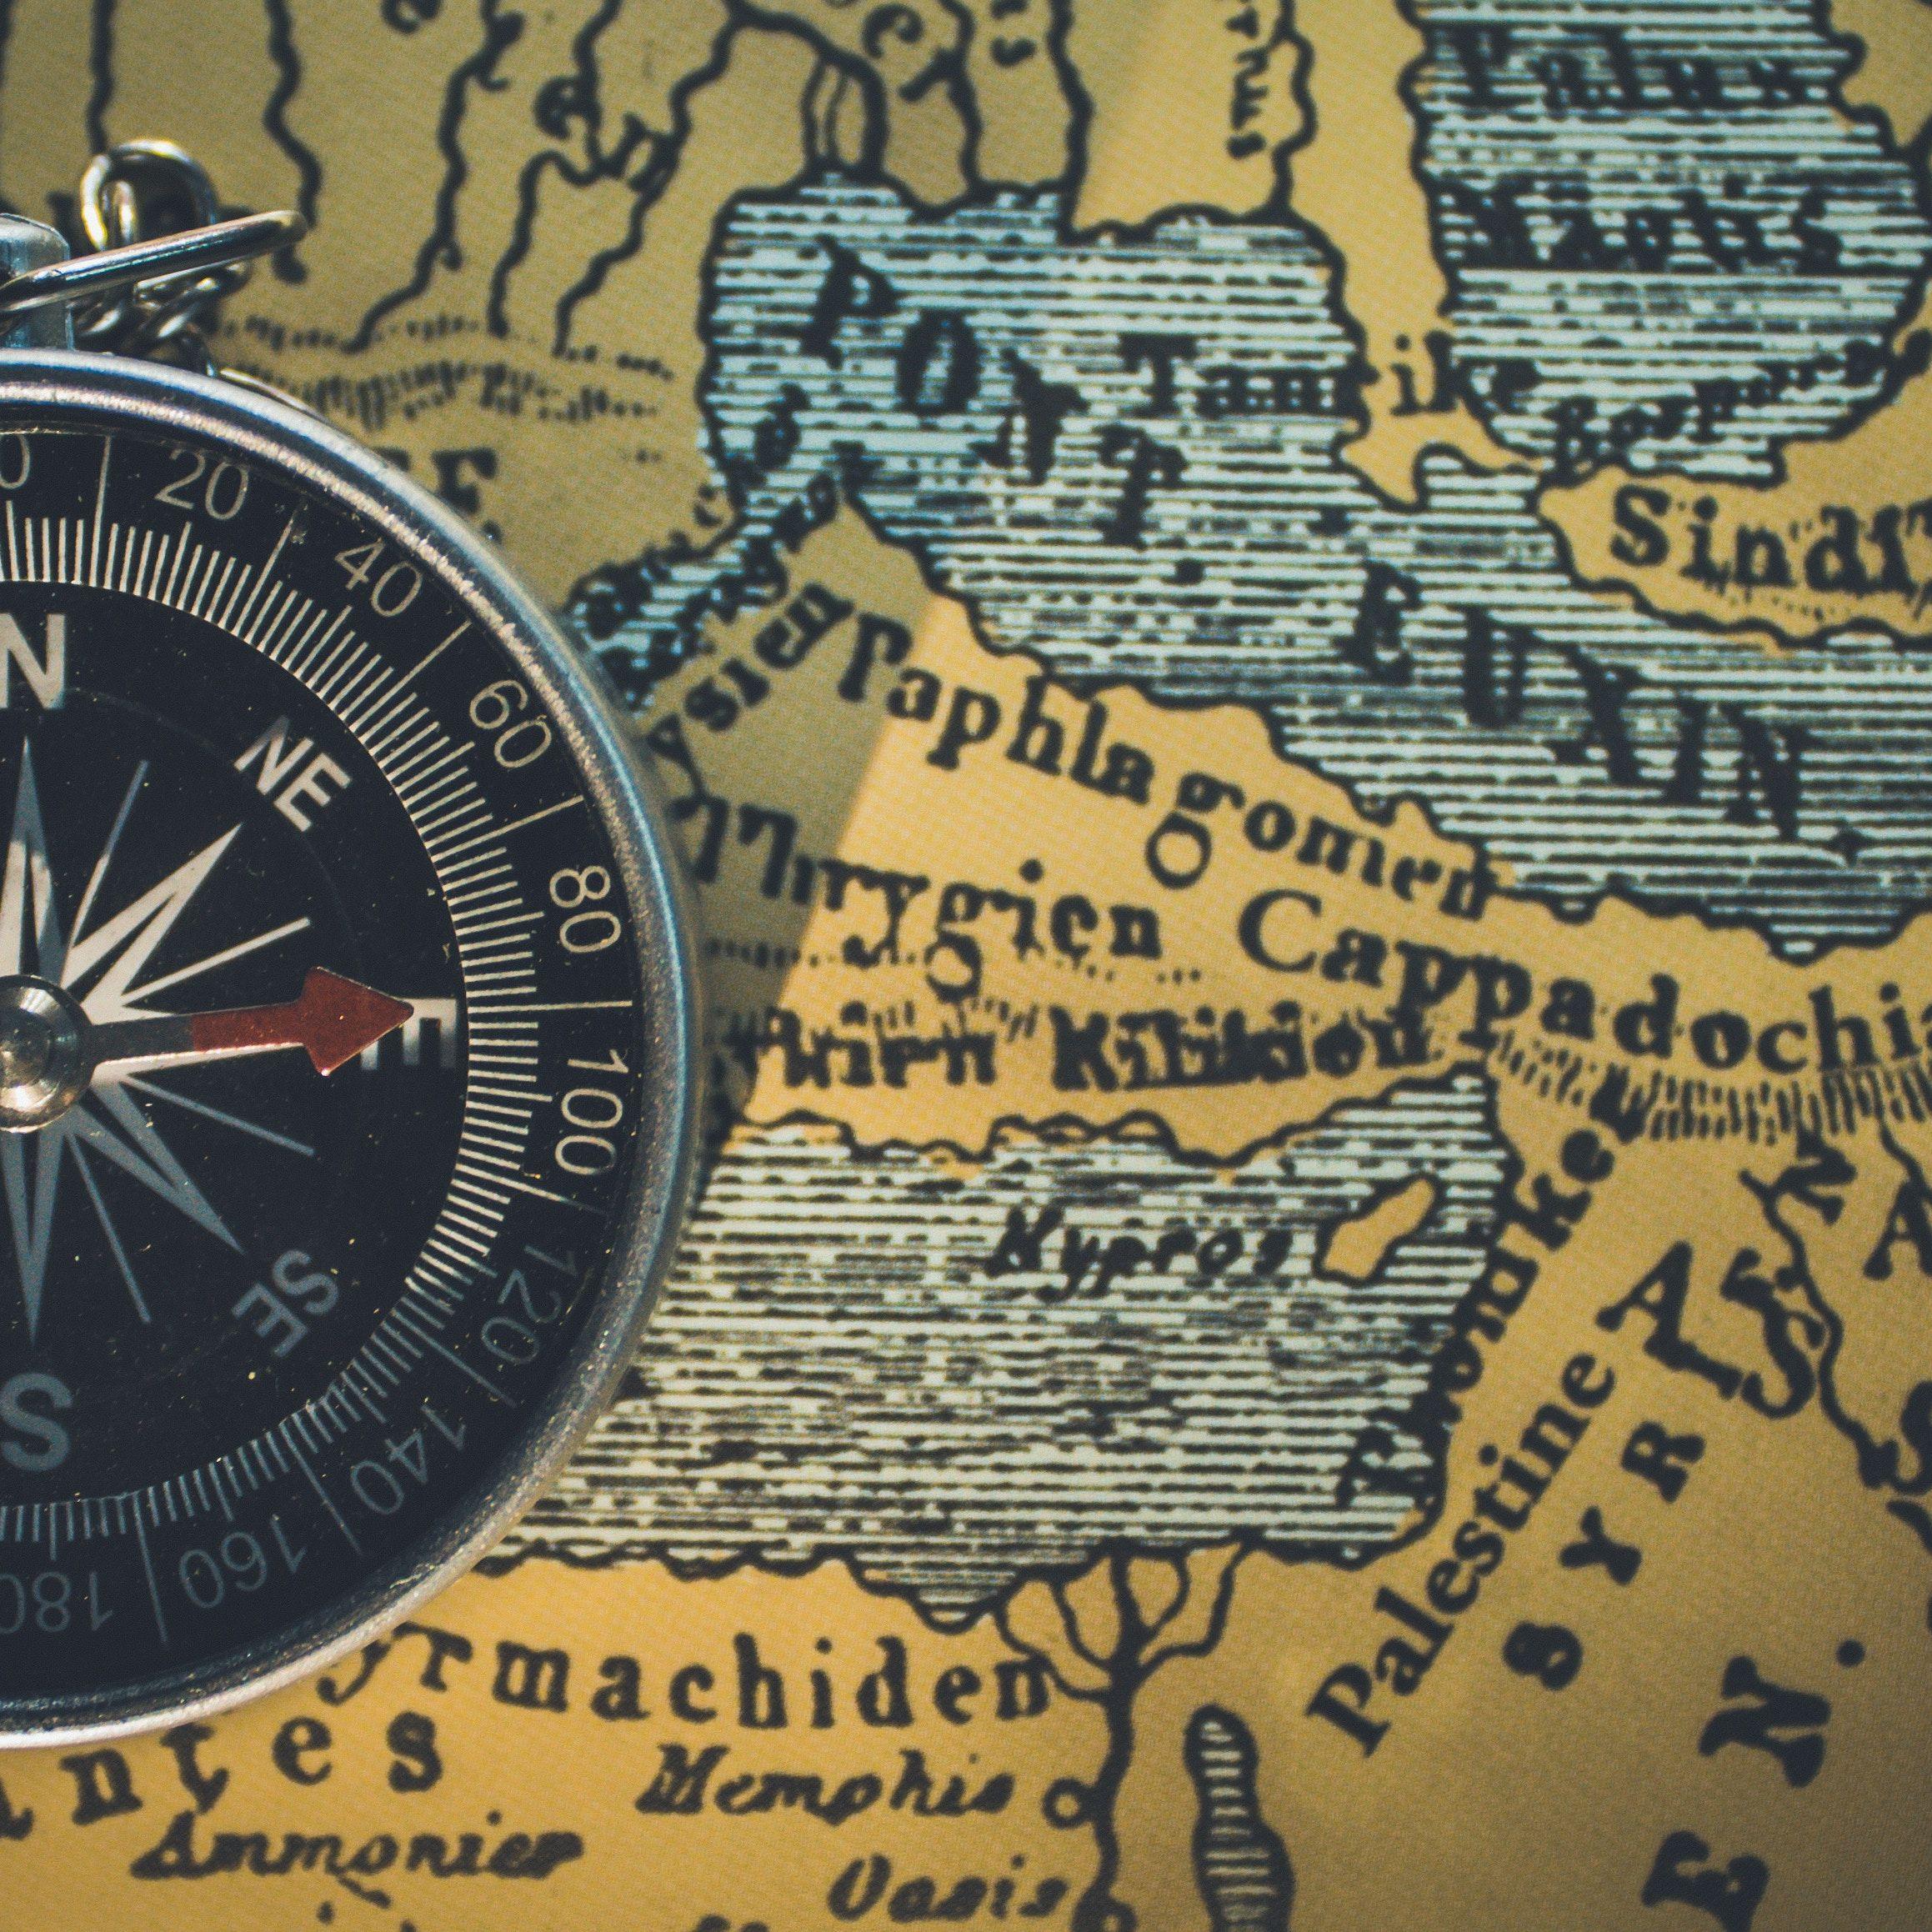 4. Pravidelná dávka - Morálny kompas